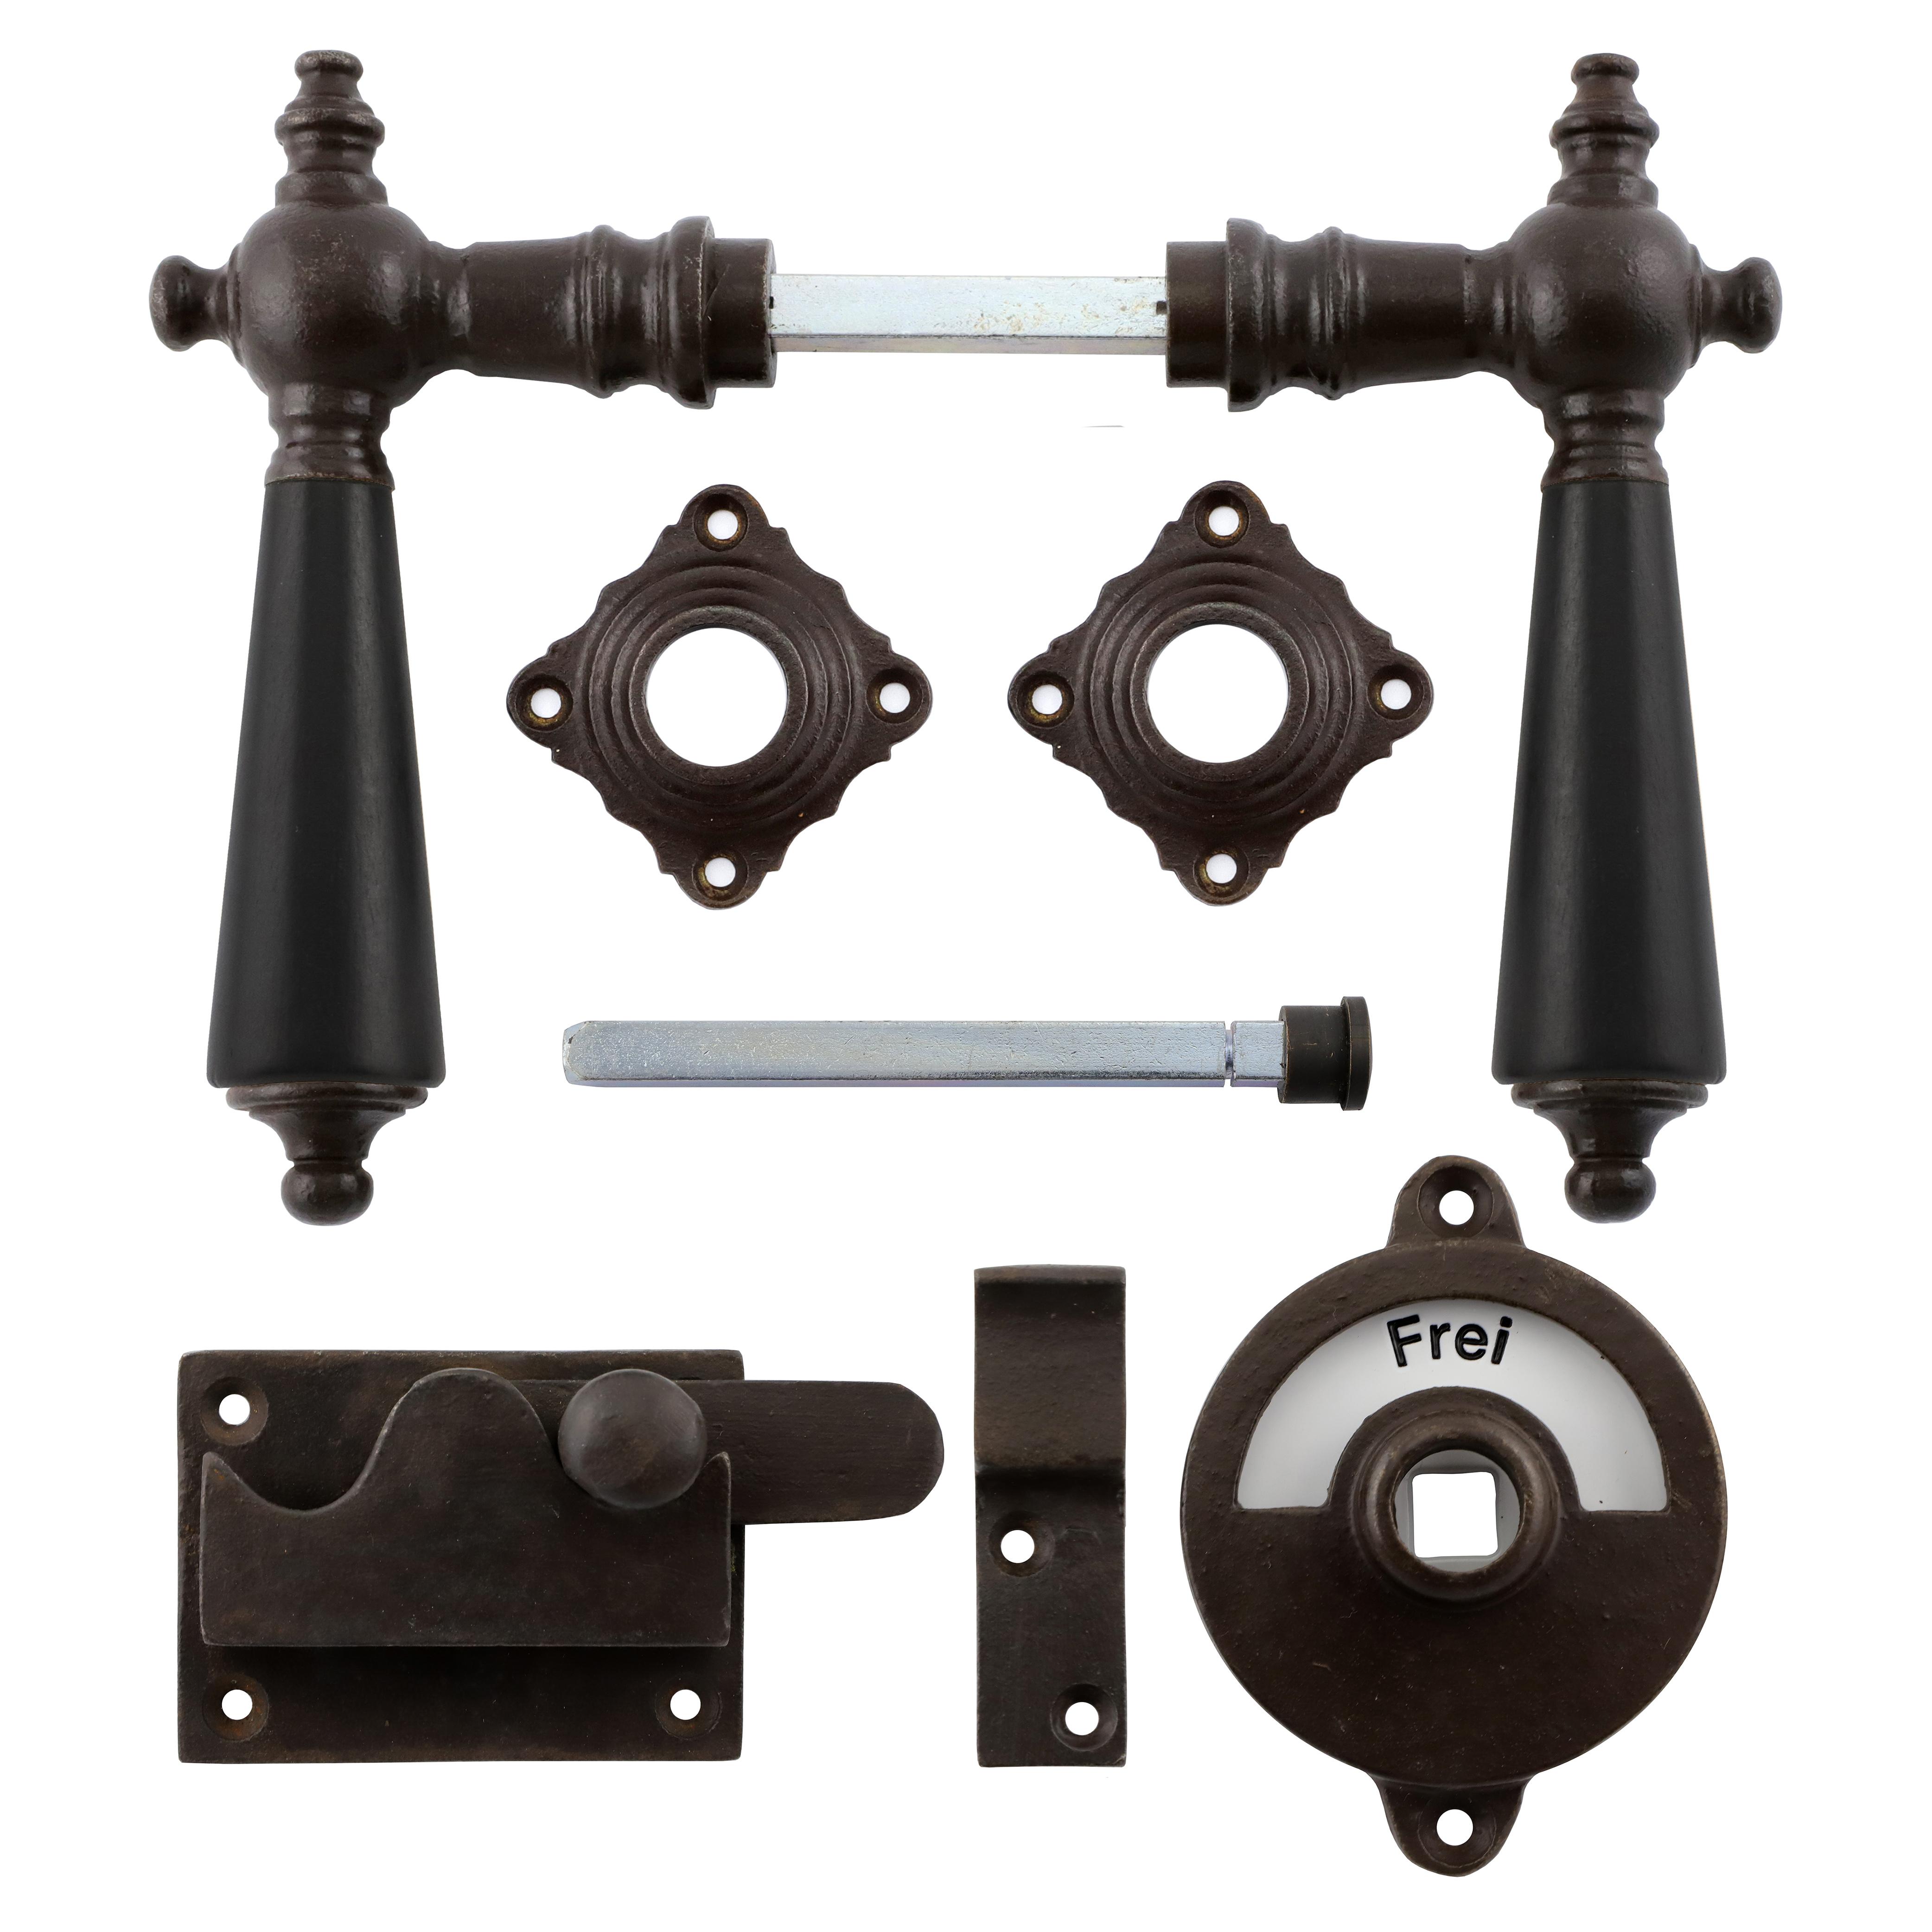 341.0033.60  WC-Türbeschlag / Riegel gerade / Verschluss mit Anzeige Eisen antik